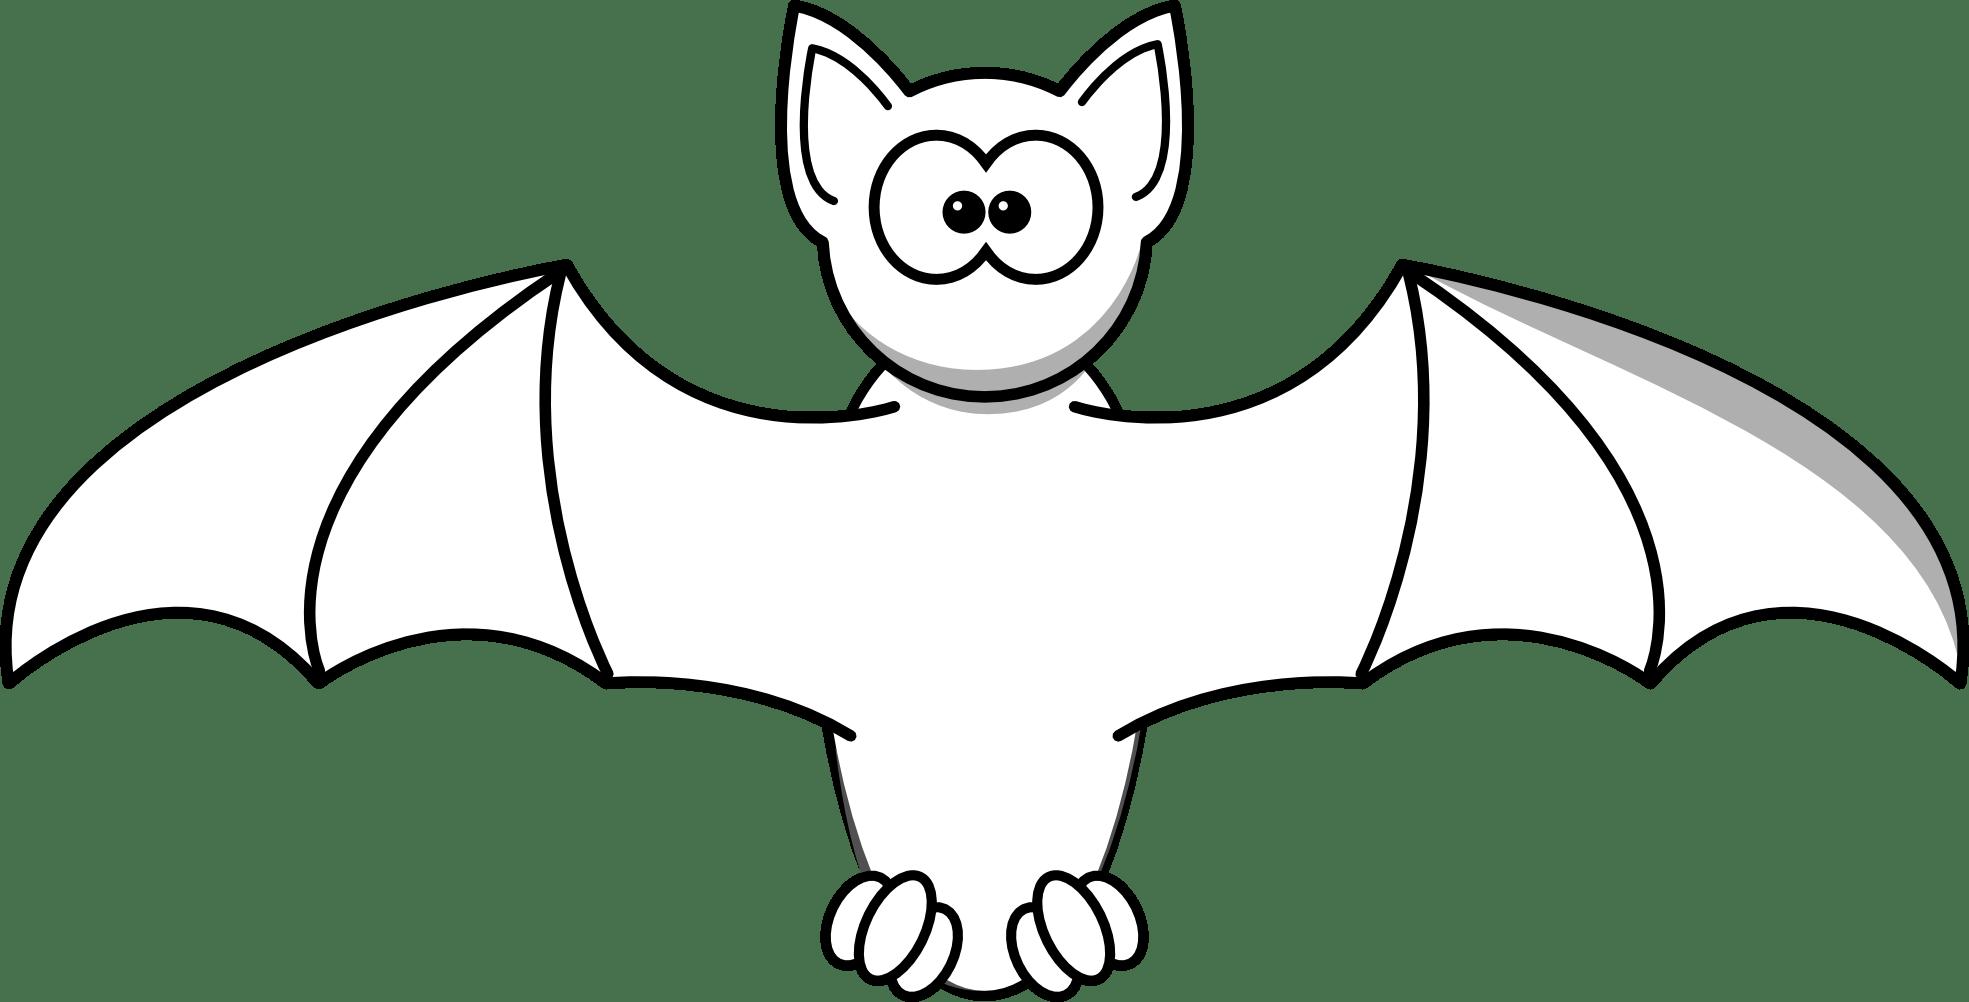 Cartoon Bat Pictures